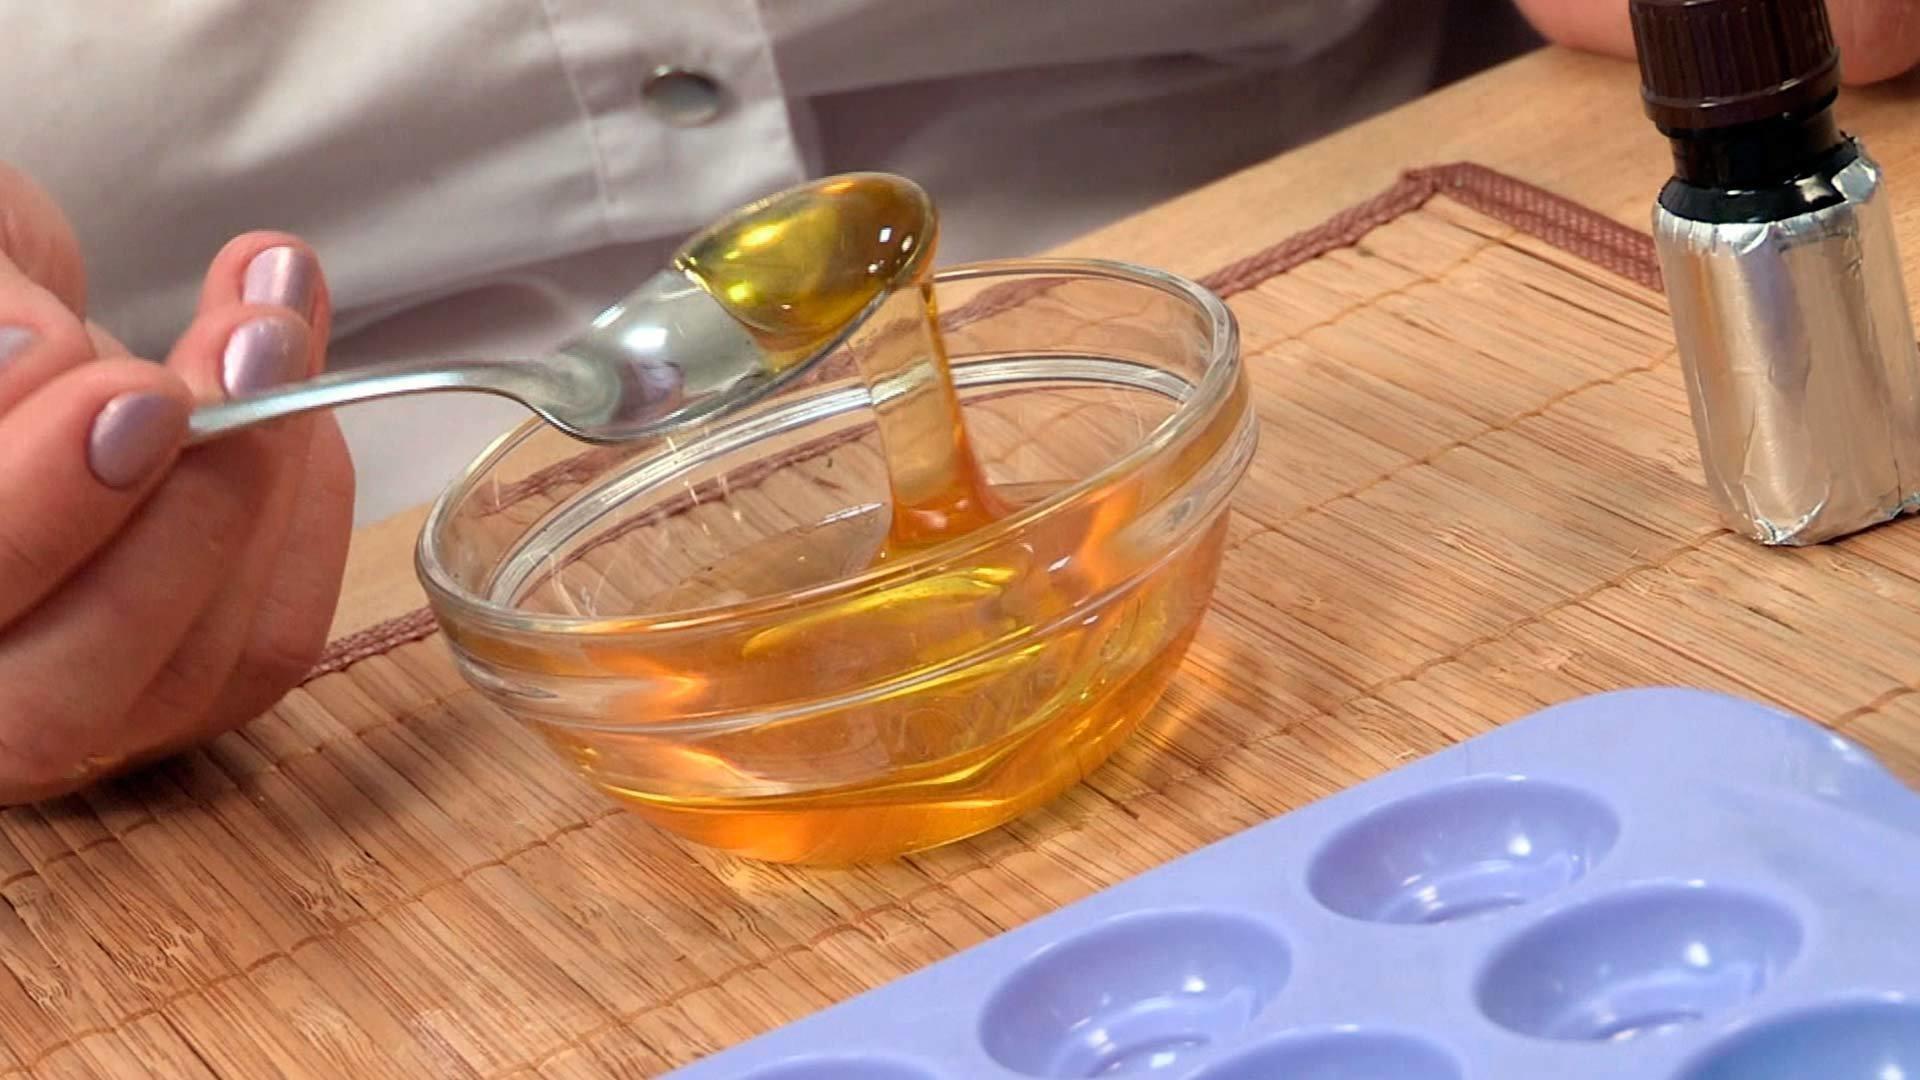 Лечение нагноения в ране народными средствами - мед